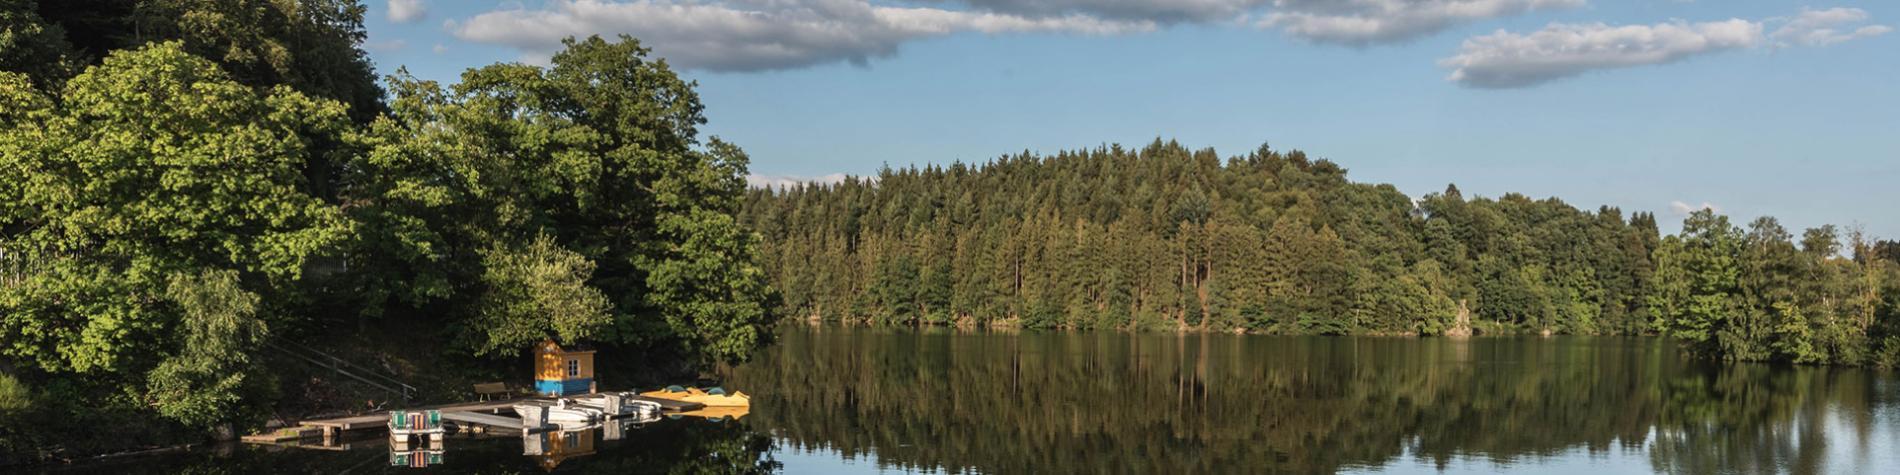 Lac de Robertville - détente - baignade - pleine nature